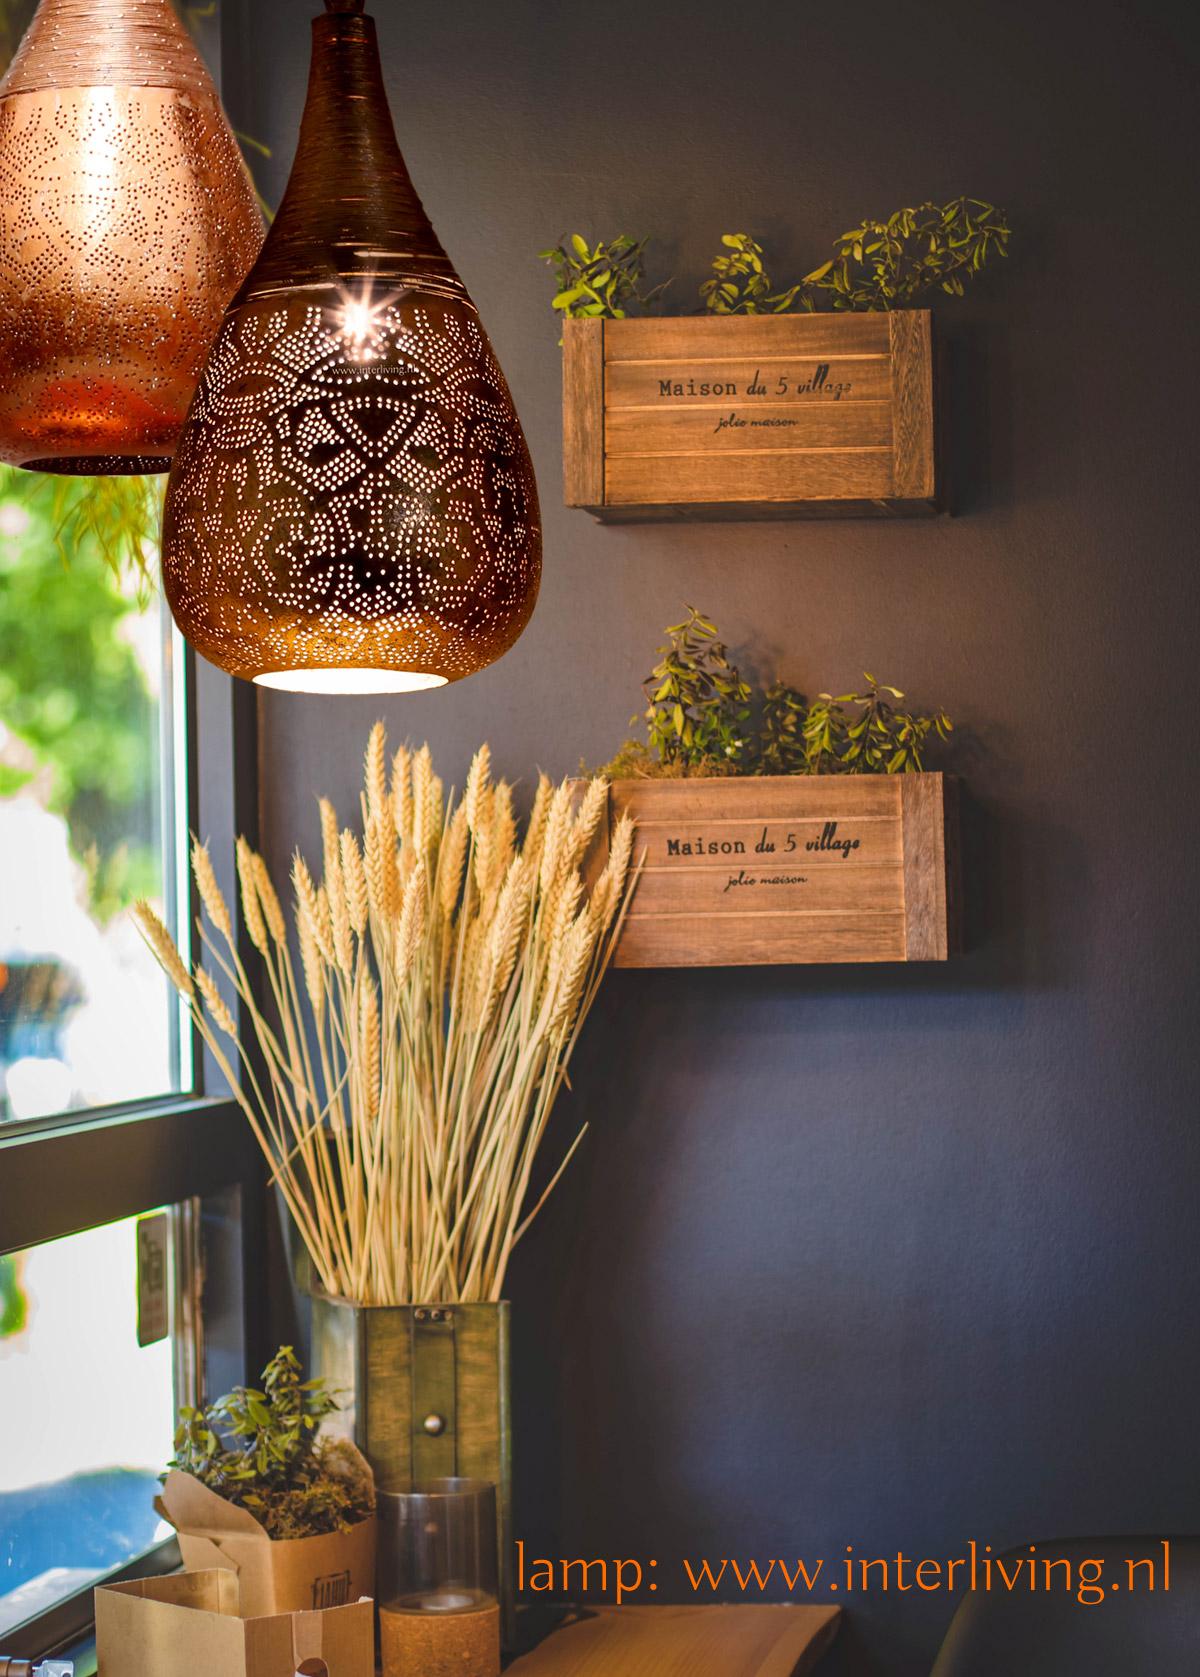 Stijlvol sober wonen - landelijke sfeerverlichting hanglamp koper metaal - moderne oosterse stijl lamp